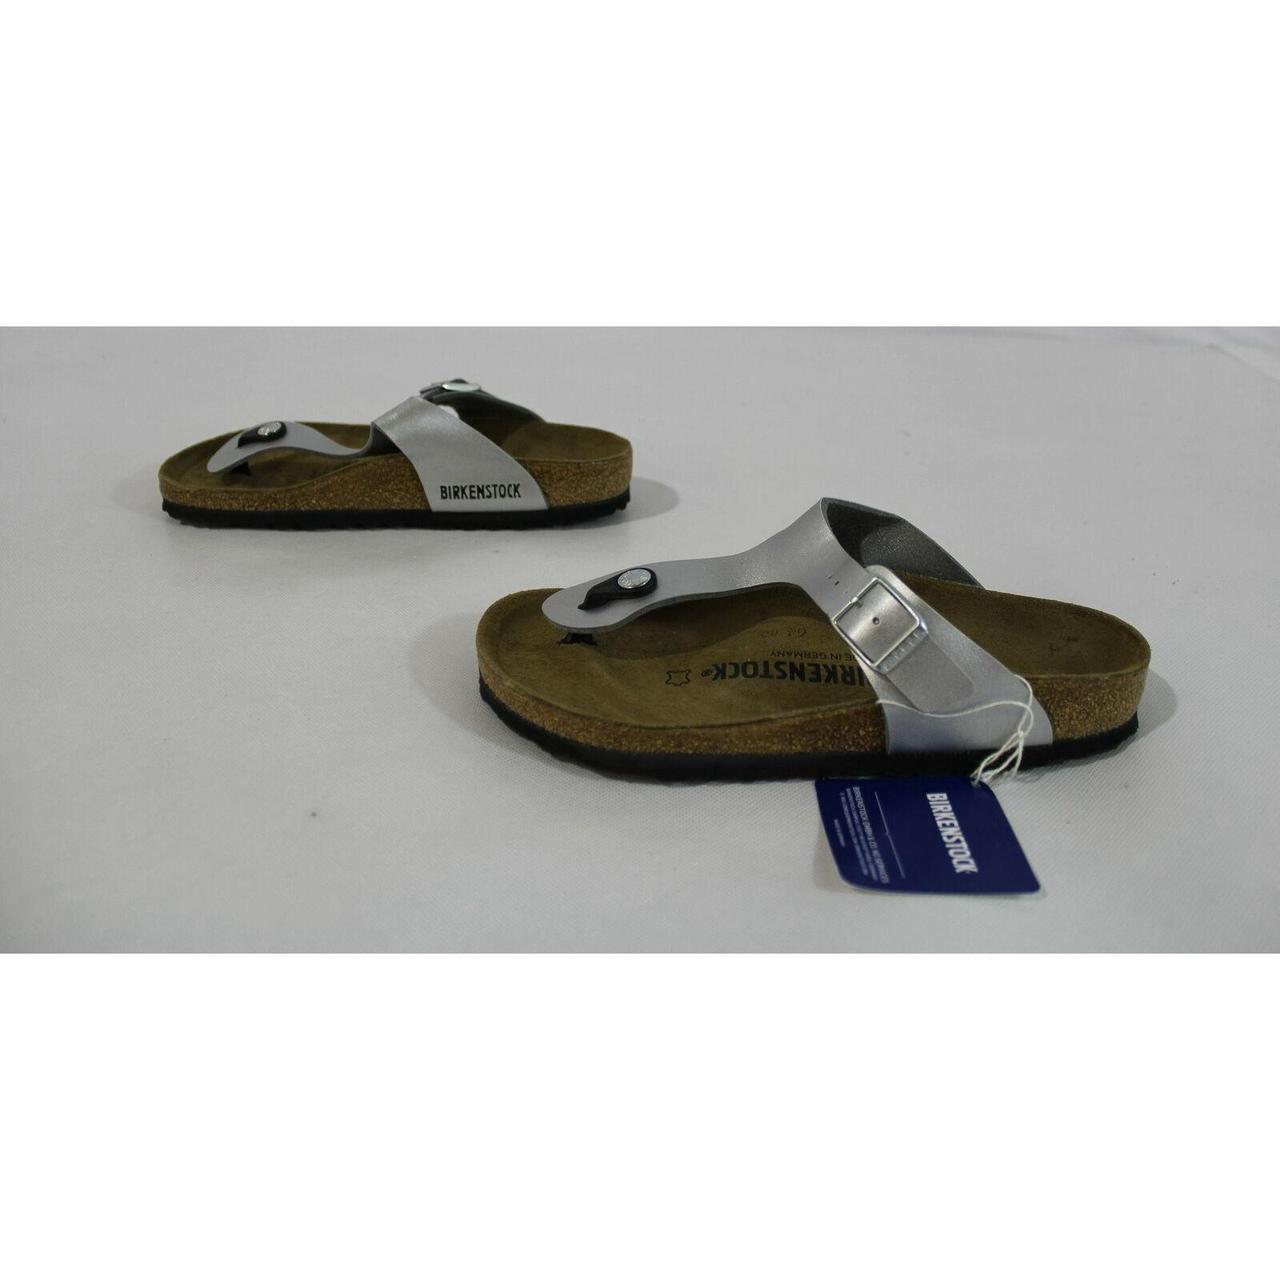 Product Image 1 - Birkenstock Women's Gizeh Birko-Flor Sandals